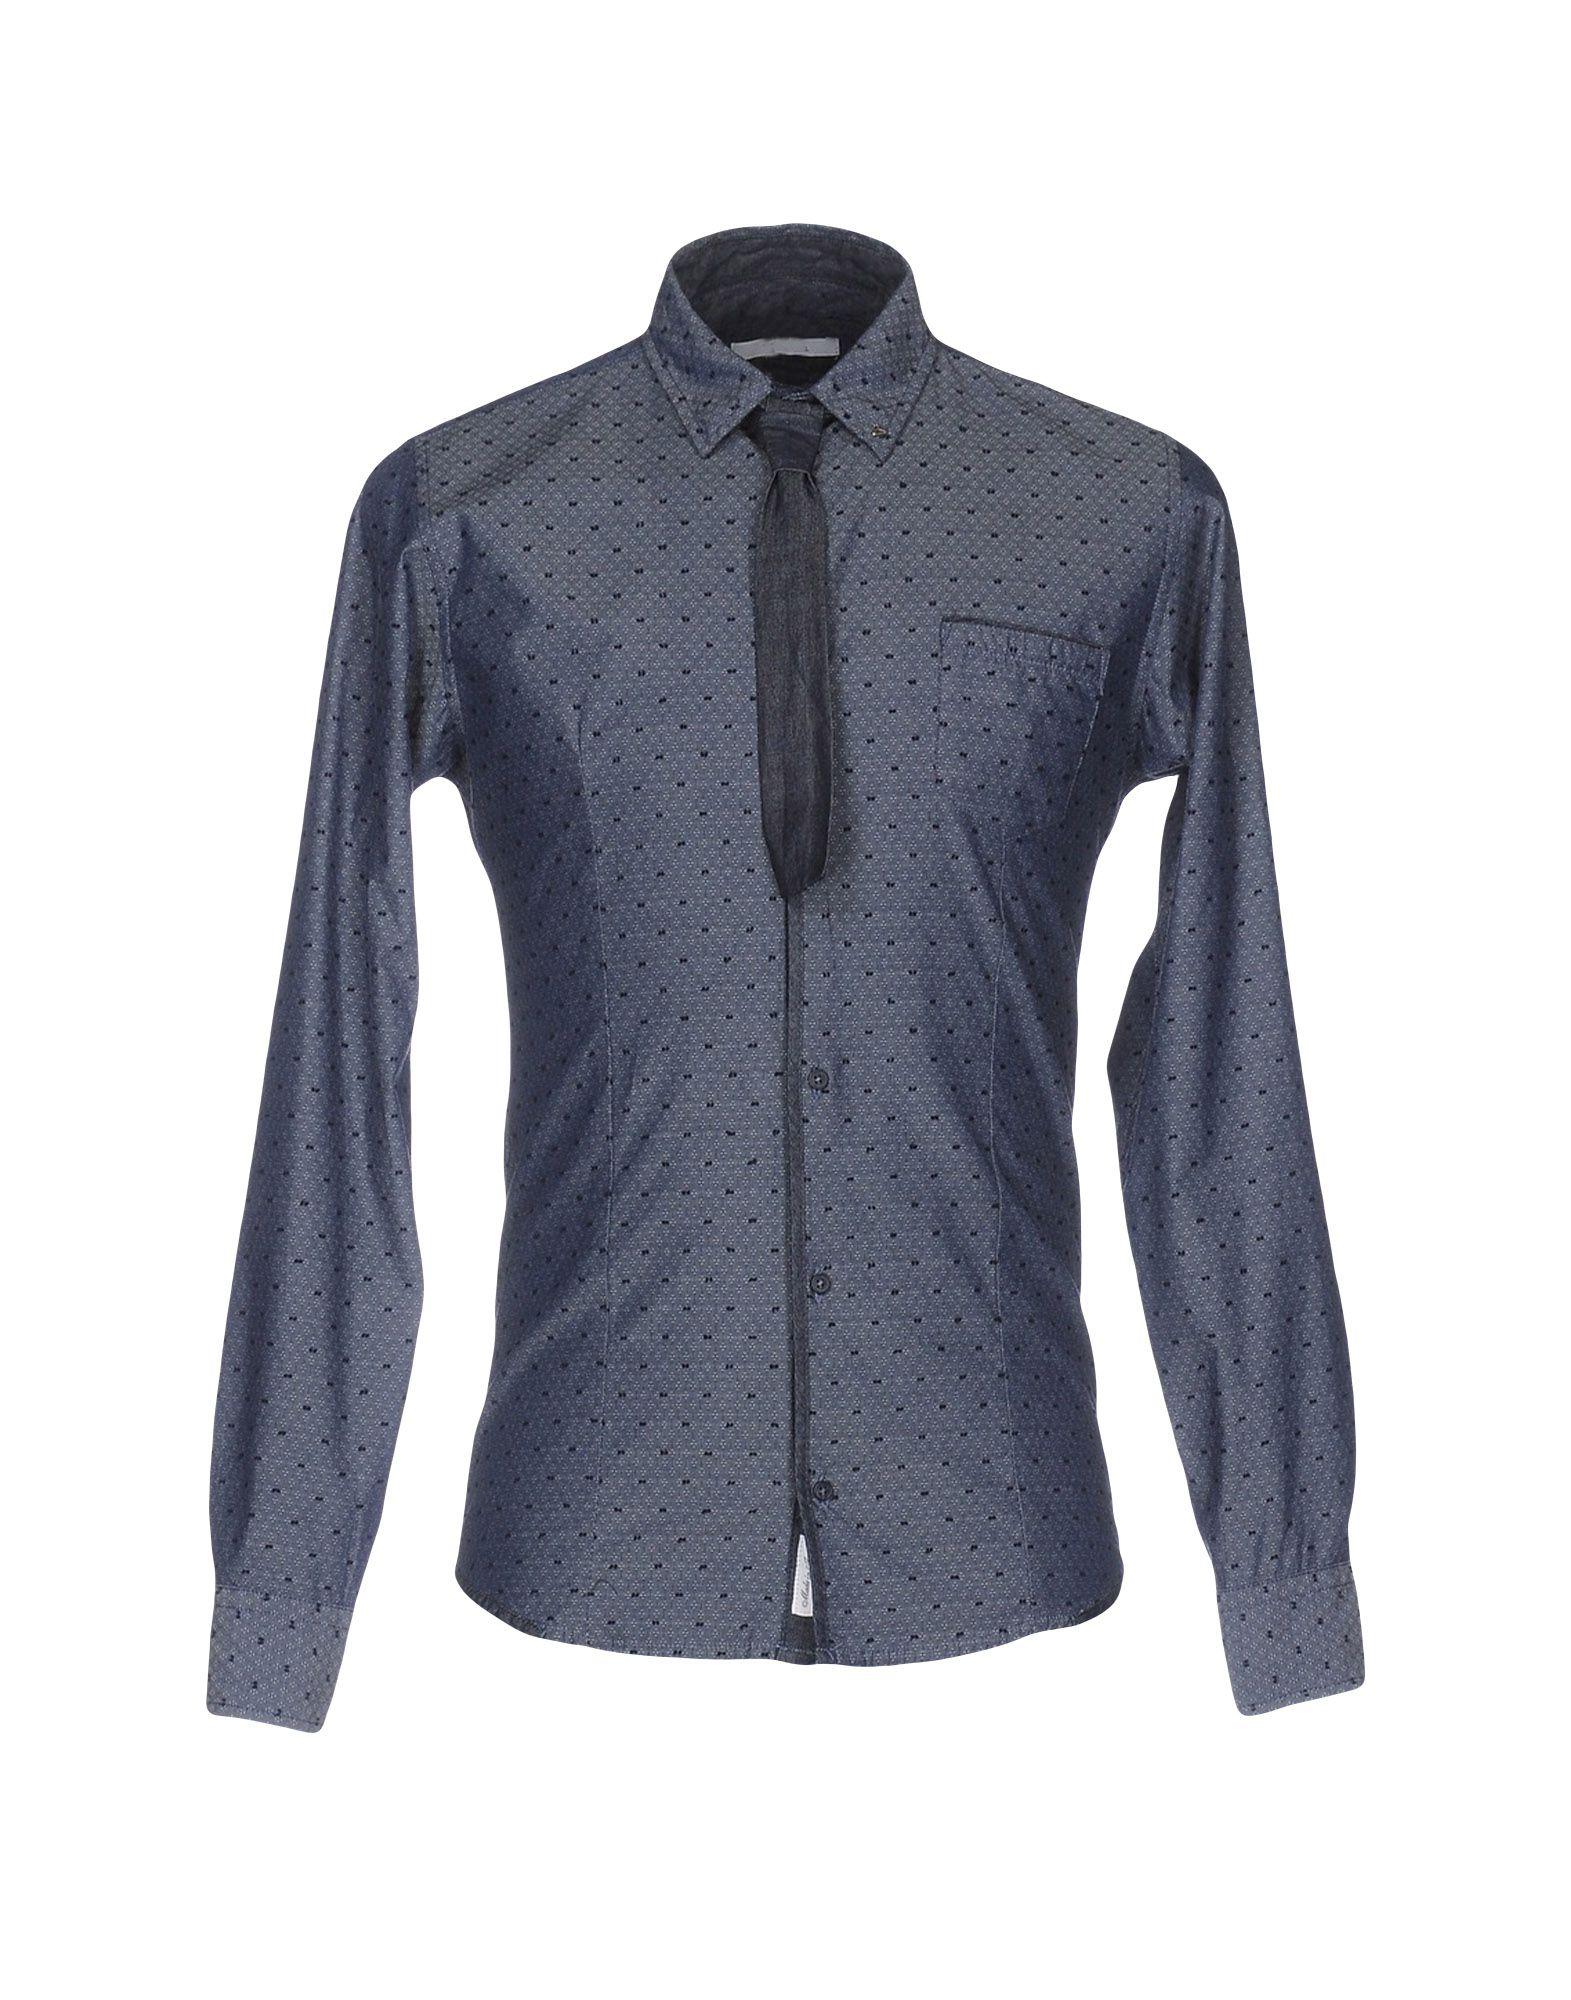 《期間限定セール中》BERNA メンズ シャツ ブルーグレー S コットン 100%